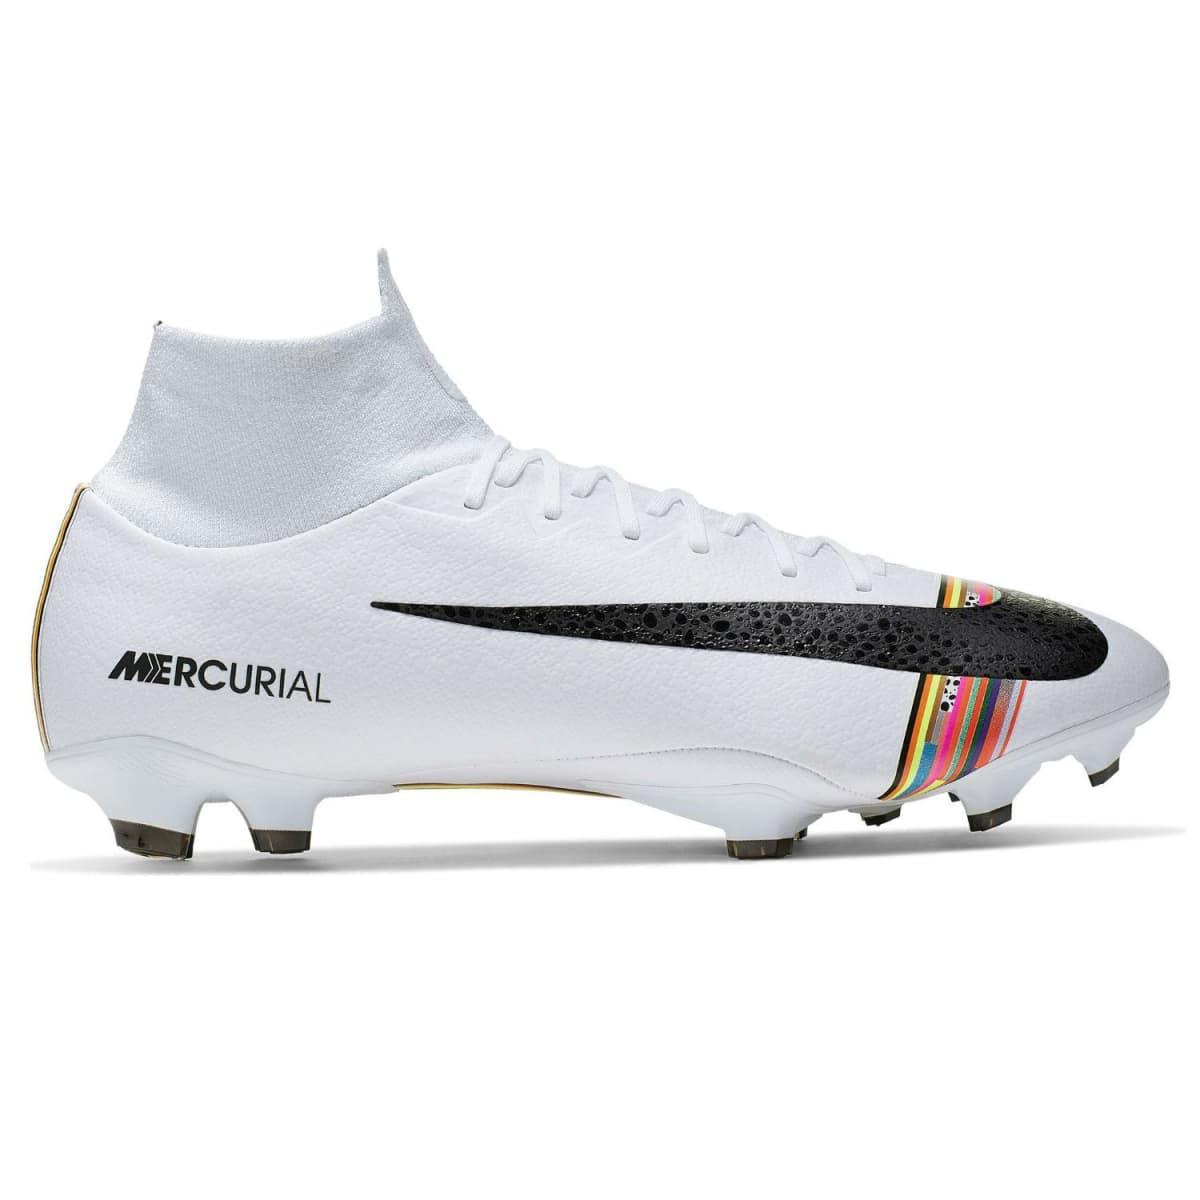 12030633a43 Nike Men s Superfly 6 Pro LVL UP FG